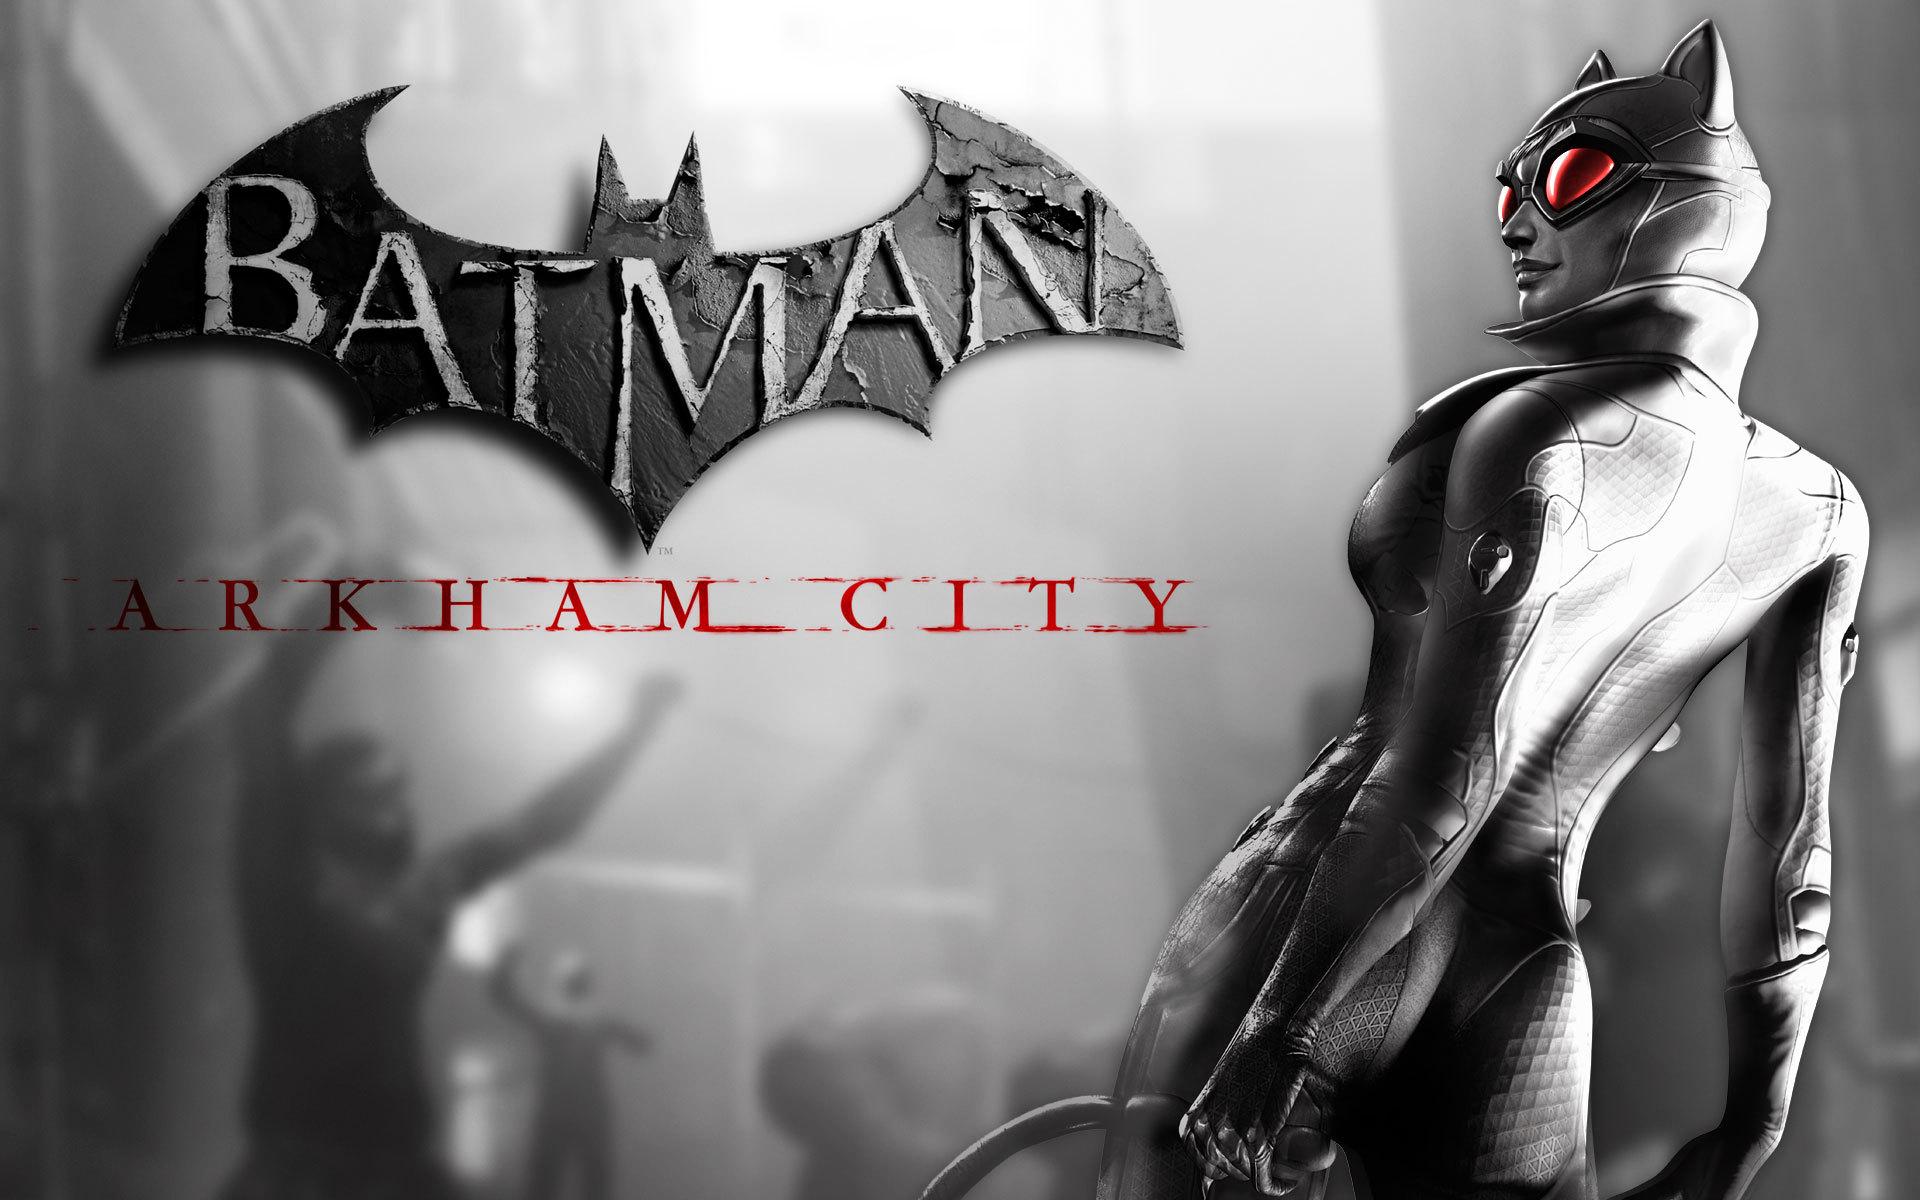 Batman Arkham City Wallpaper Arlequina: Batman Arkham City Catwoman Wallpaper